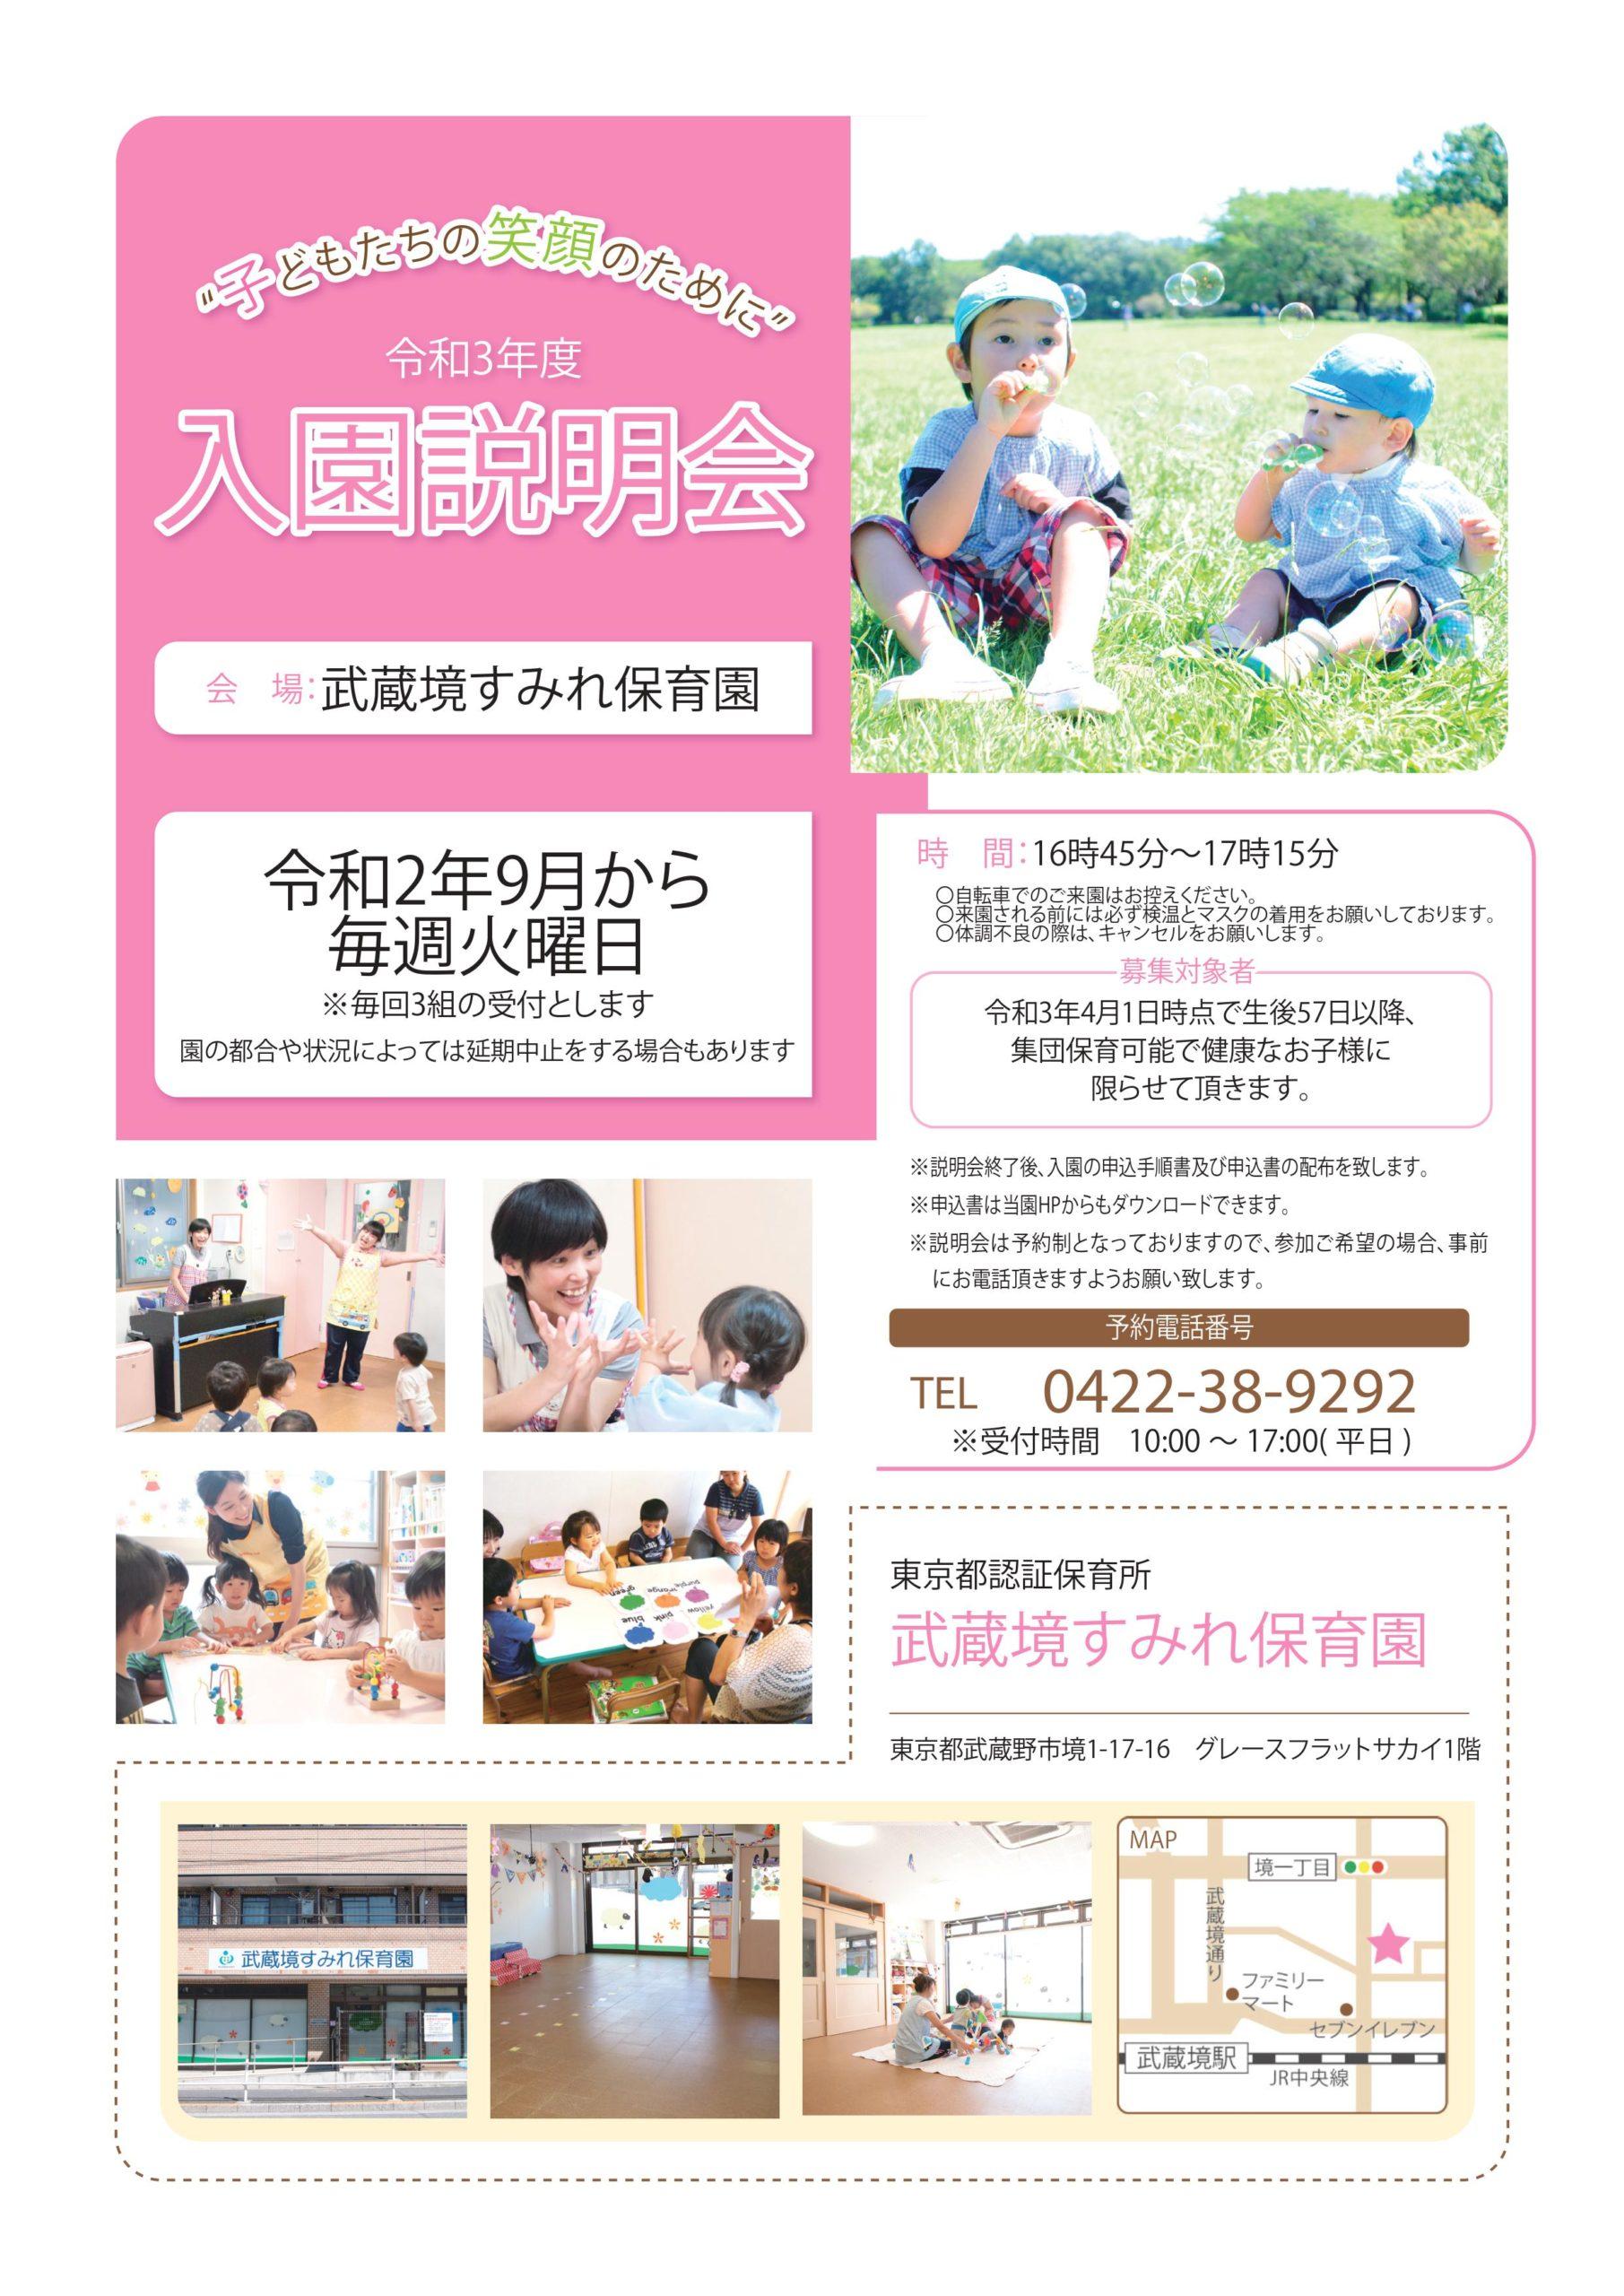 武蔵境見学会R3